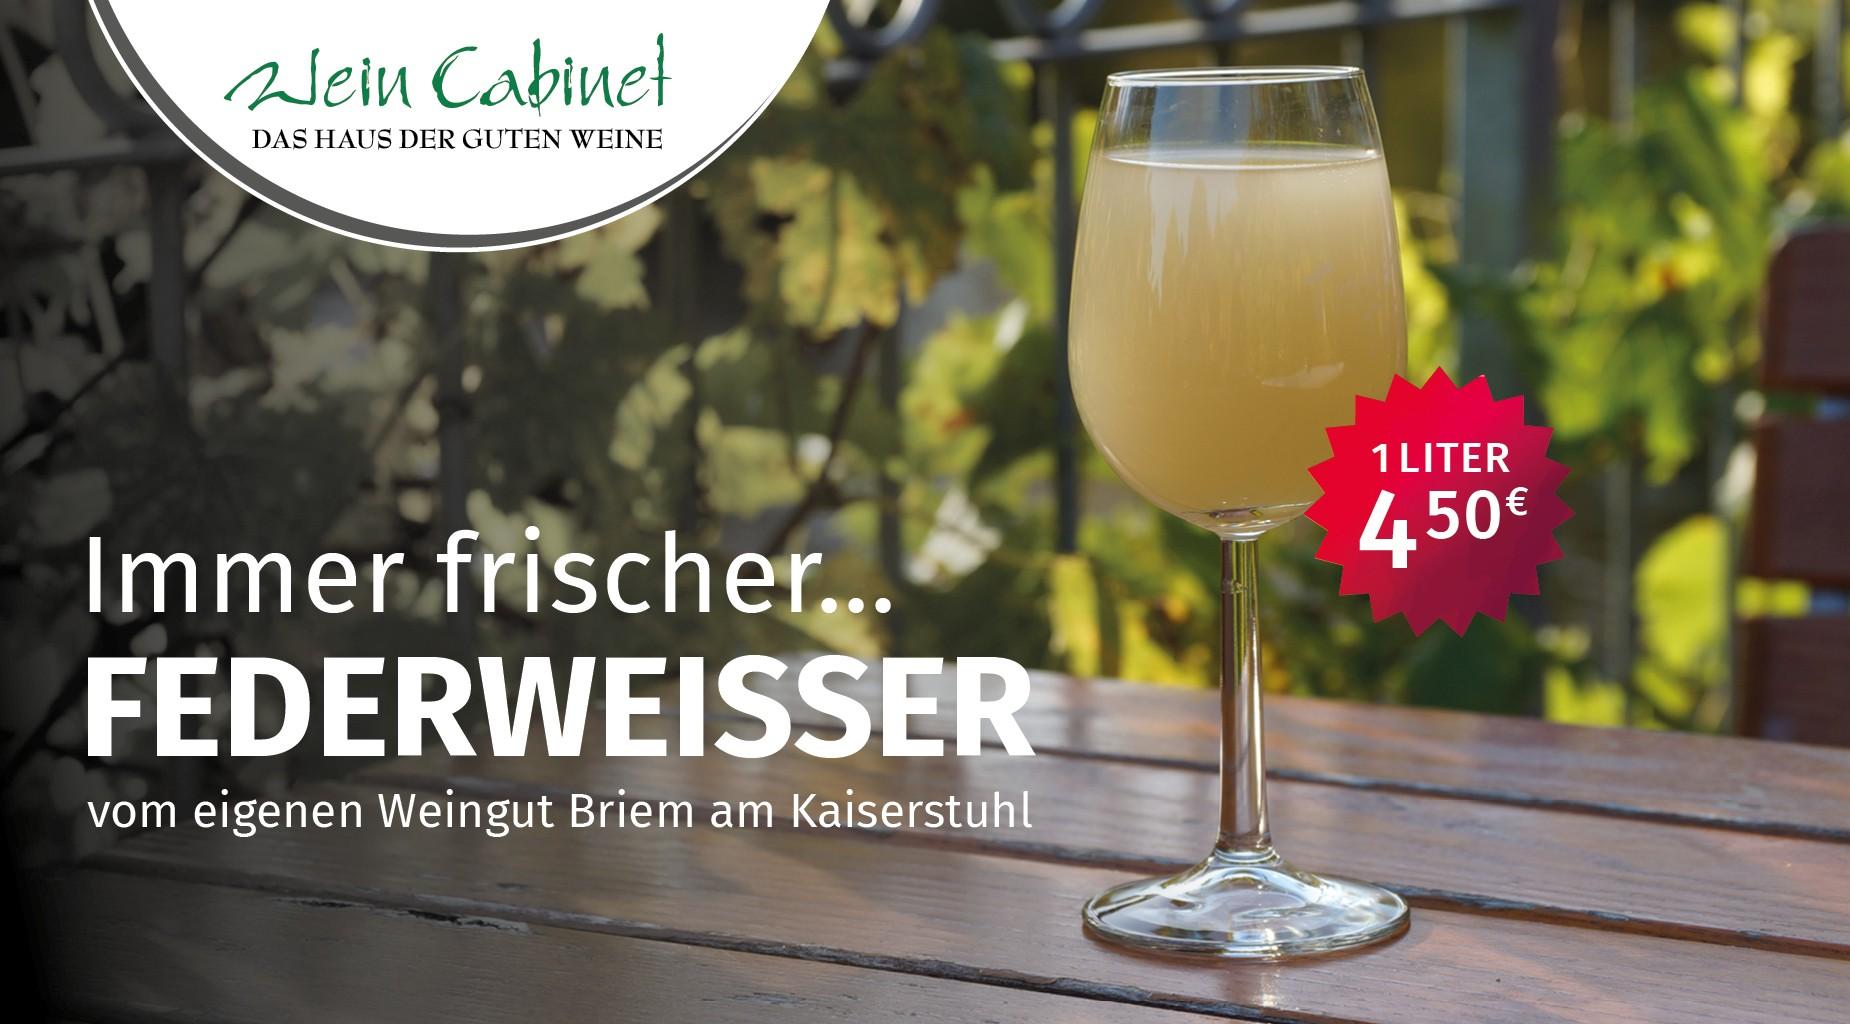 Federweißer, Neuer Süer, Weingut Biem Kaiserstuhl, Wein Cabinet Breim Bonn,